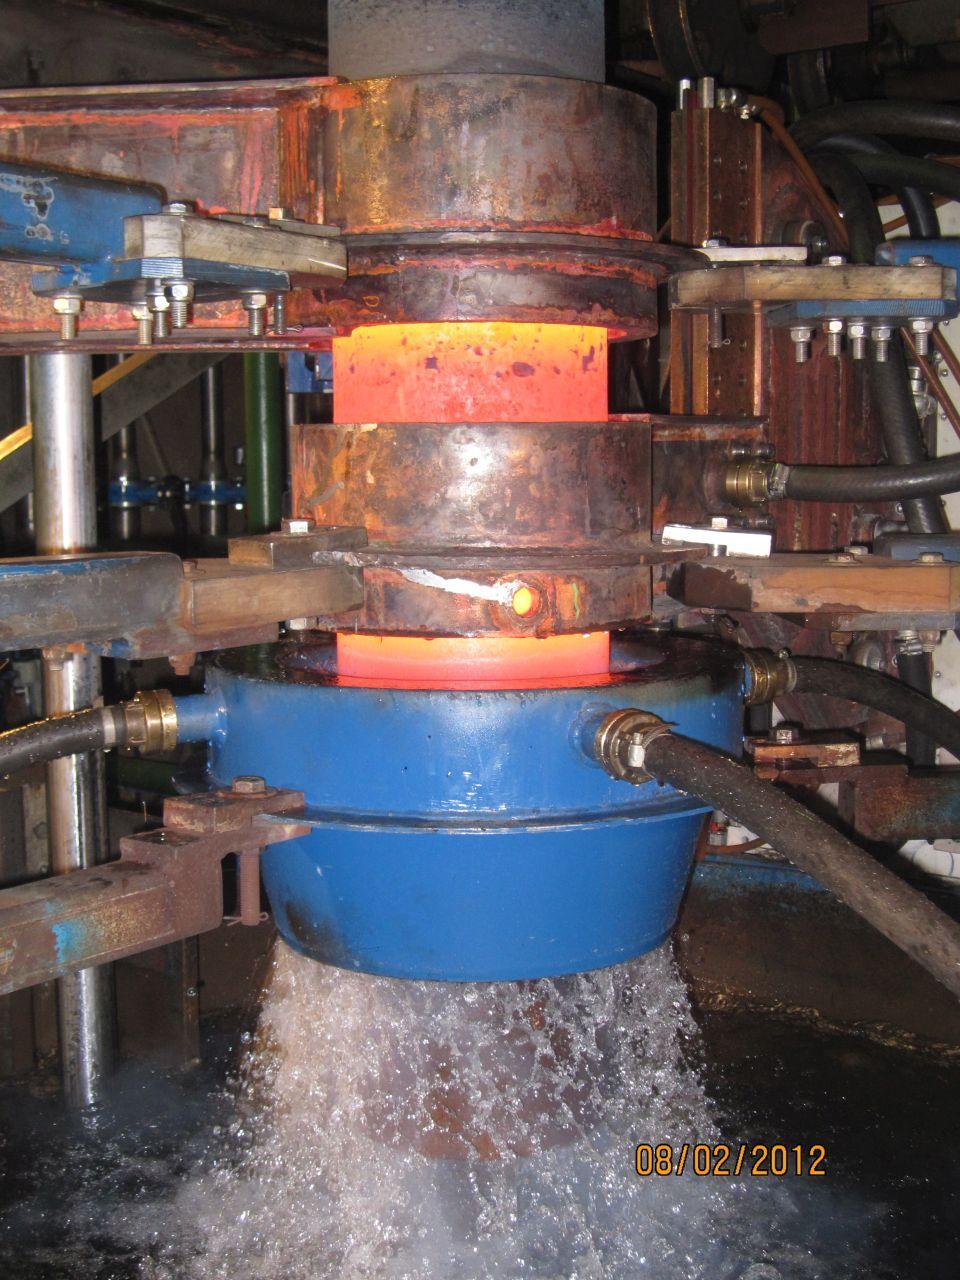 Indukcijsko taljenje kovin, induktivno površinsko kaljenje kovin inel 009